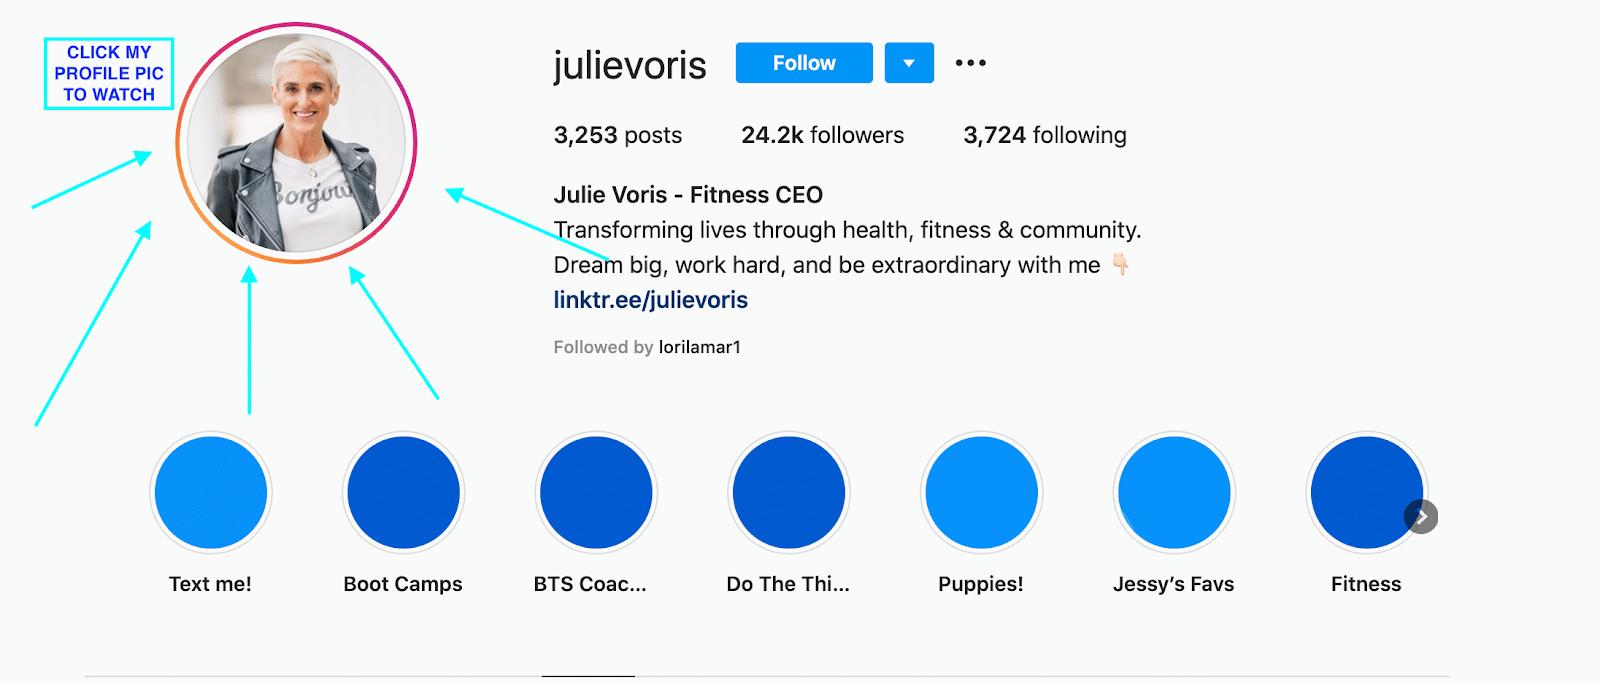 julie voris instagram live